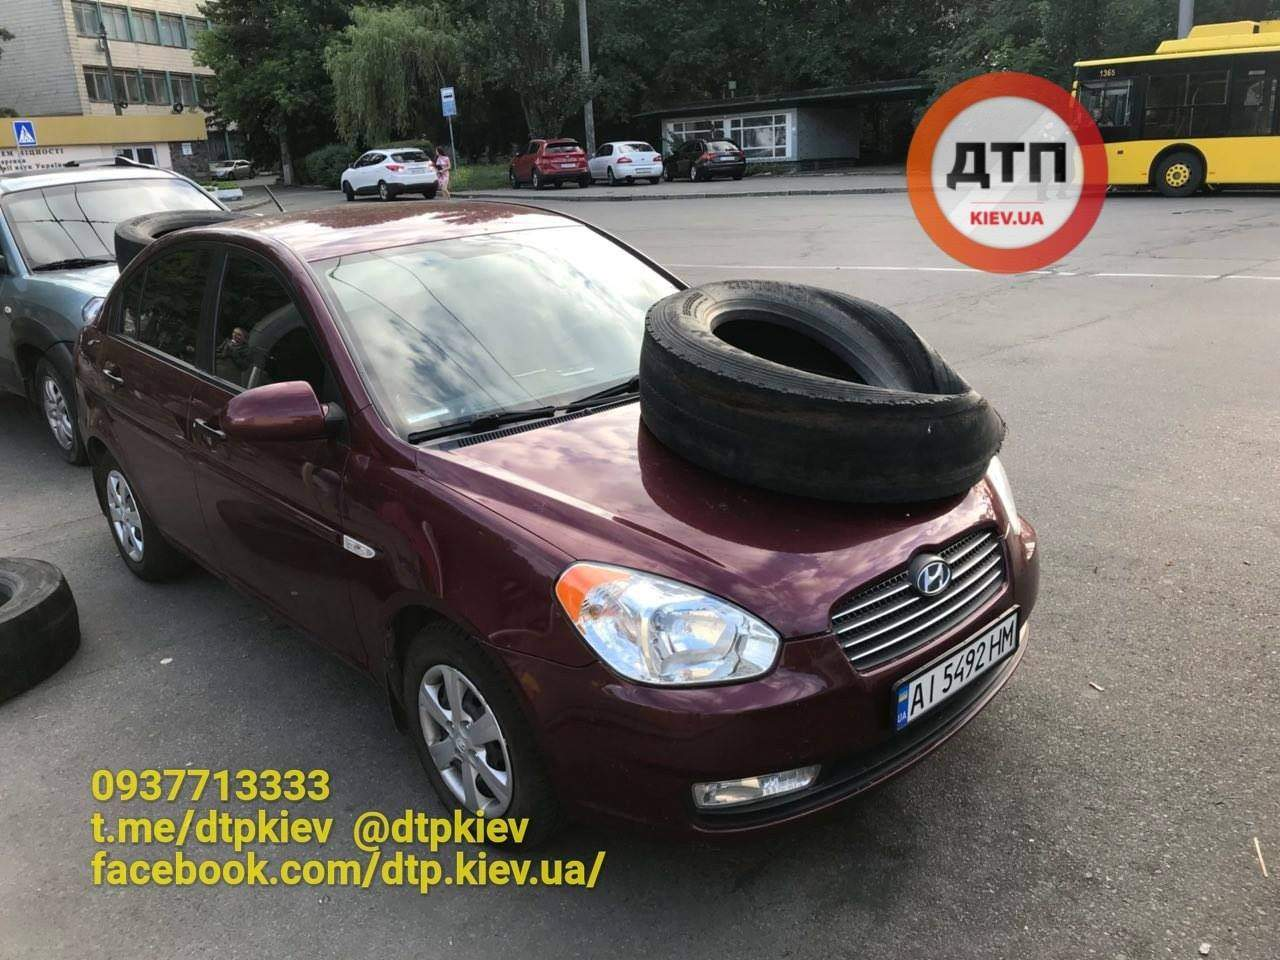 «Героям парковки» в Киеве активисты положили шины на капот автомобиля (фото)